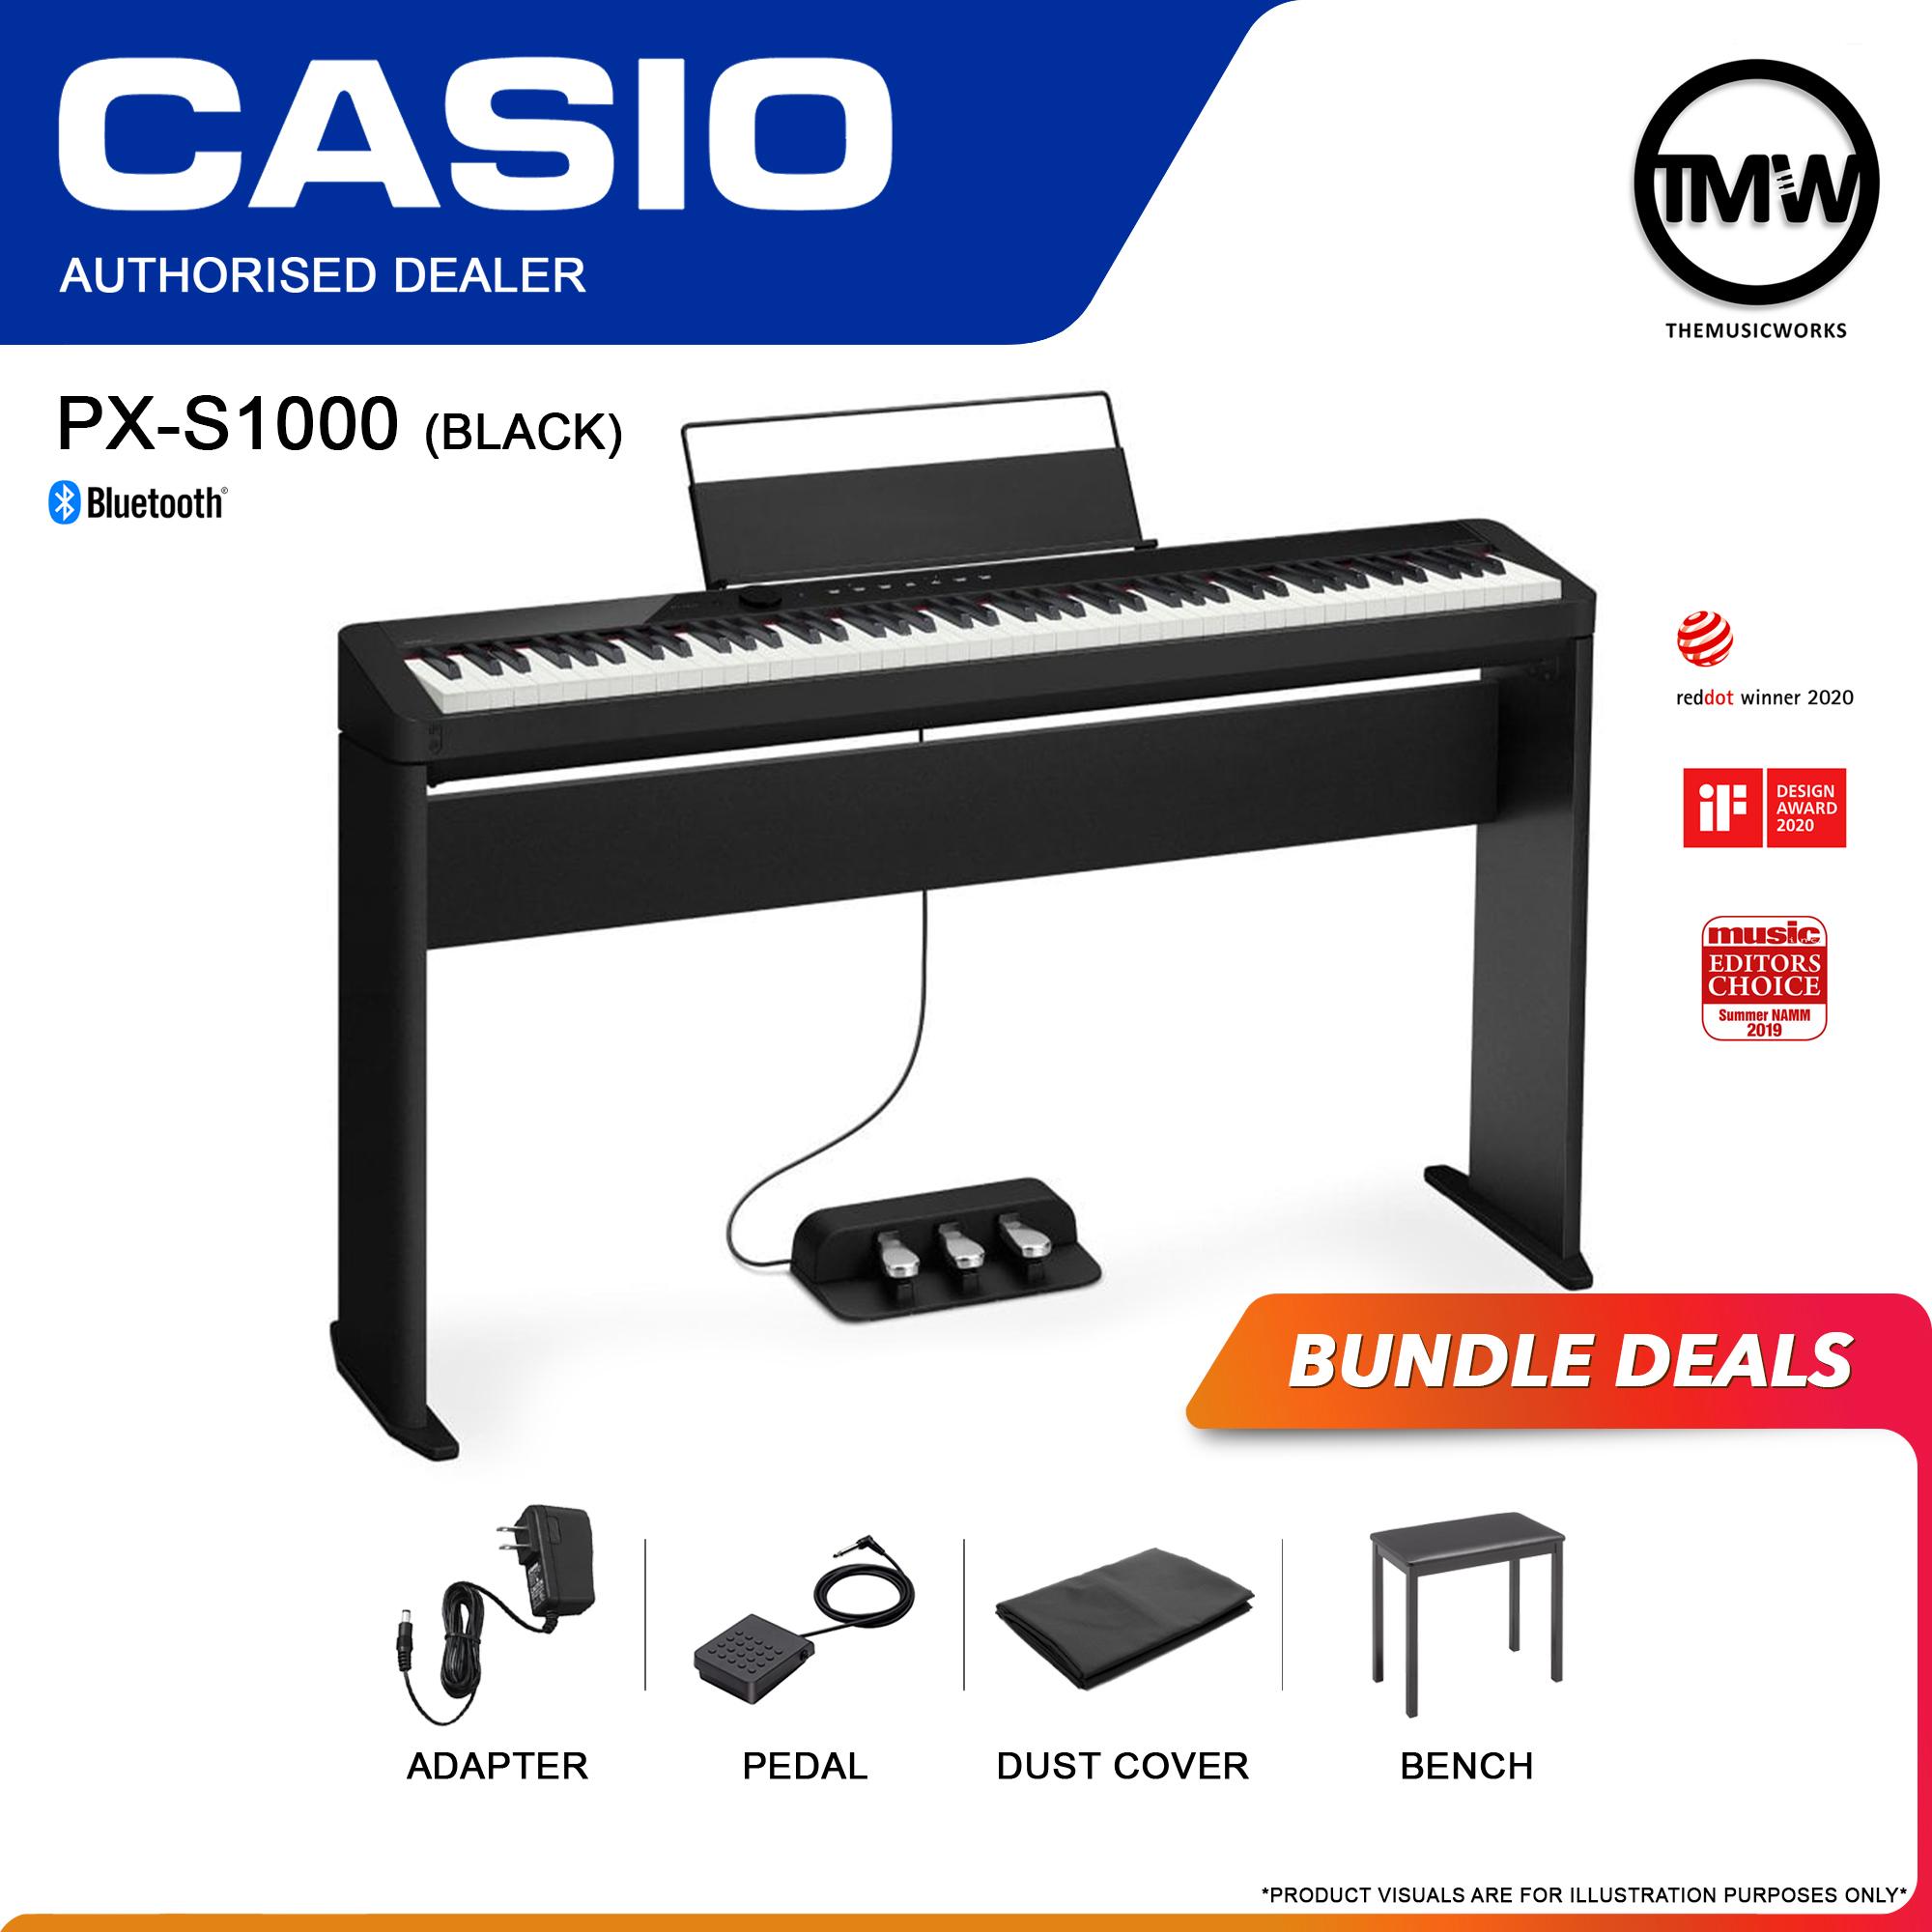 Casio PX-S1000 Black Promo $999